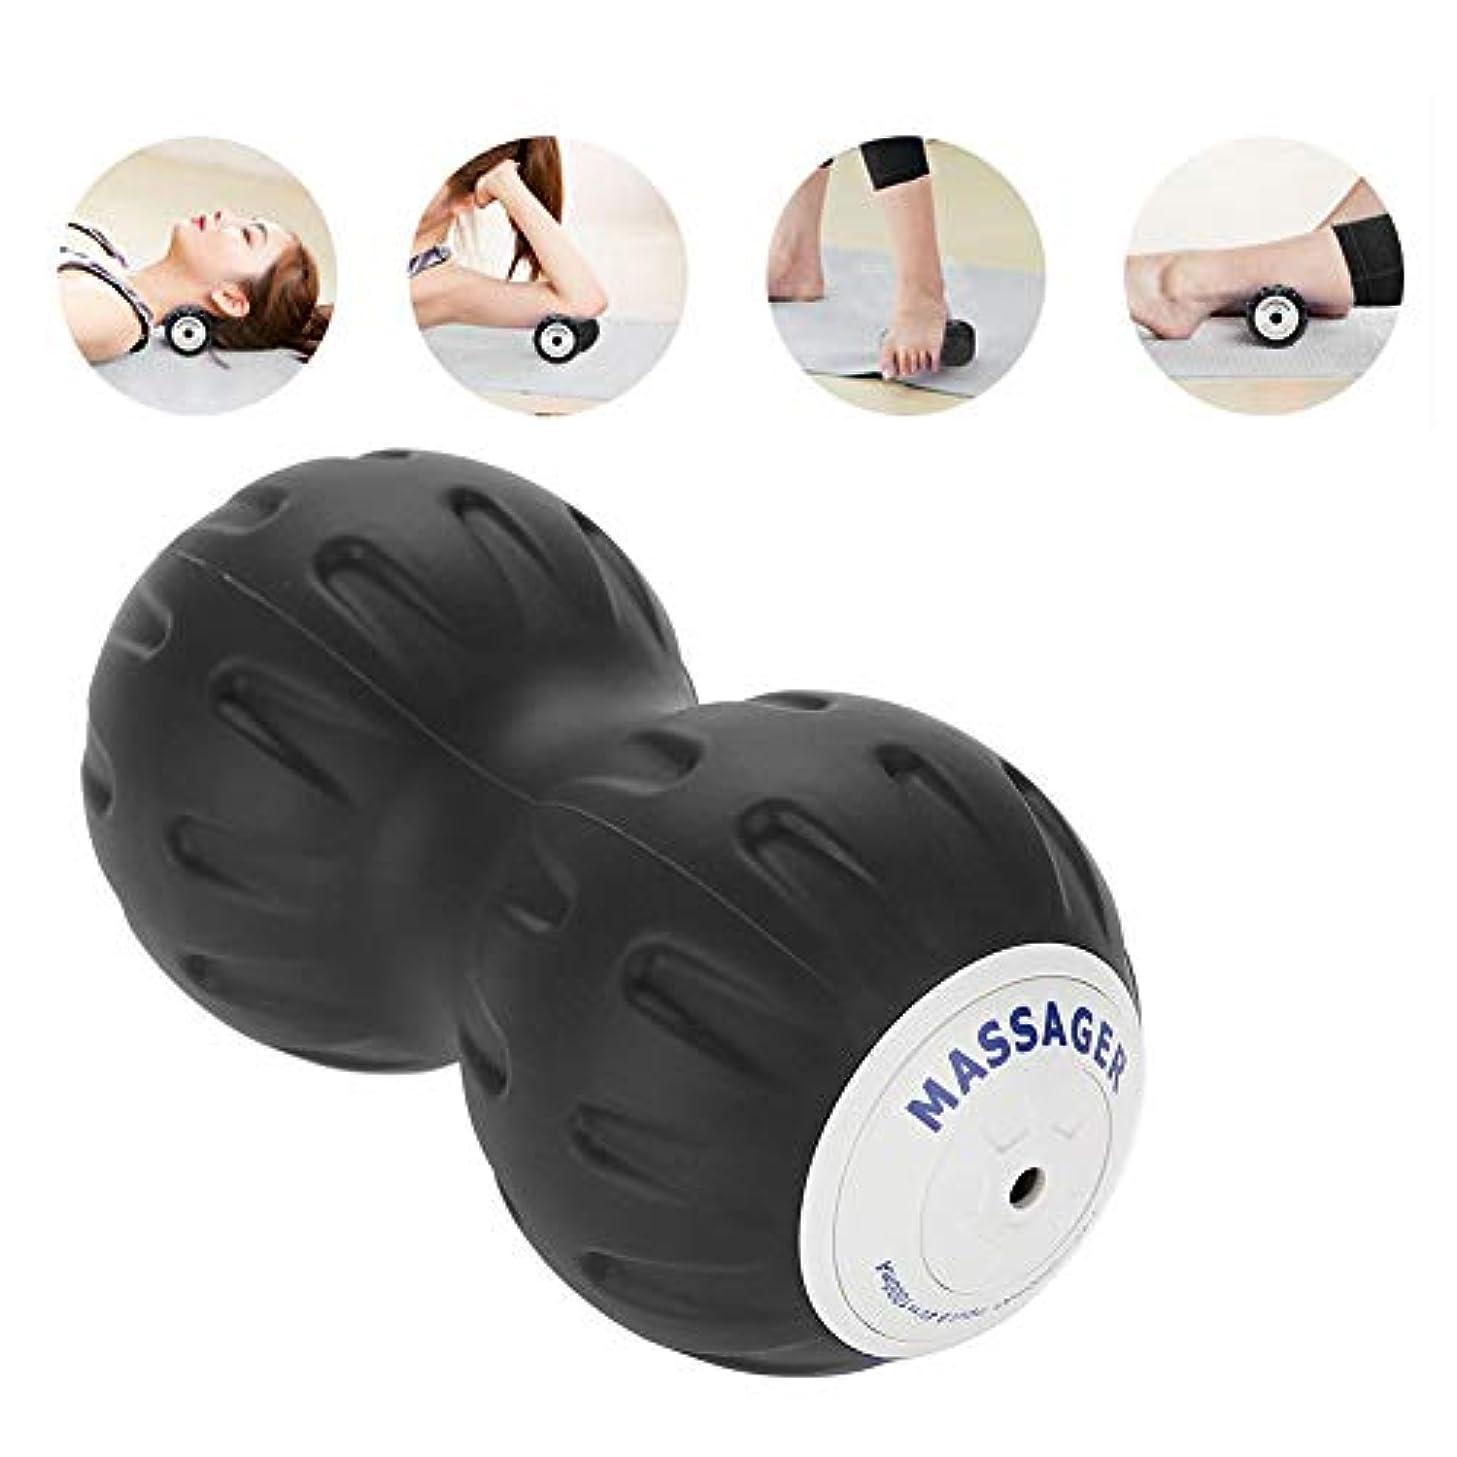 雄弁家アンテナインタフェースピーナッツマッサージボール、電気二重ラクロスボール3スピード高輝度ヨガ枕筋肉リラックス筋膜マッサージローラー(US-Plug)